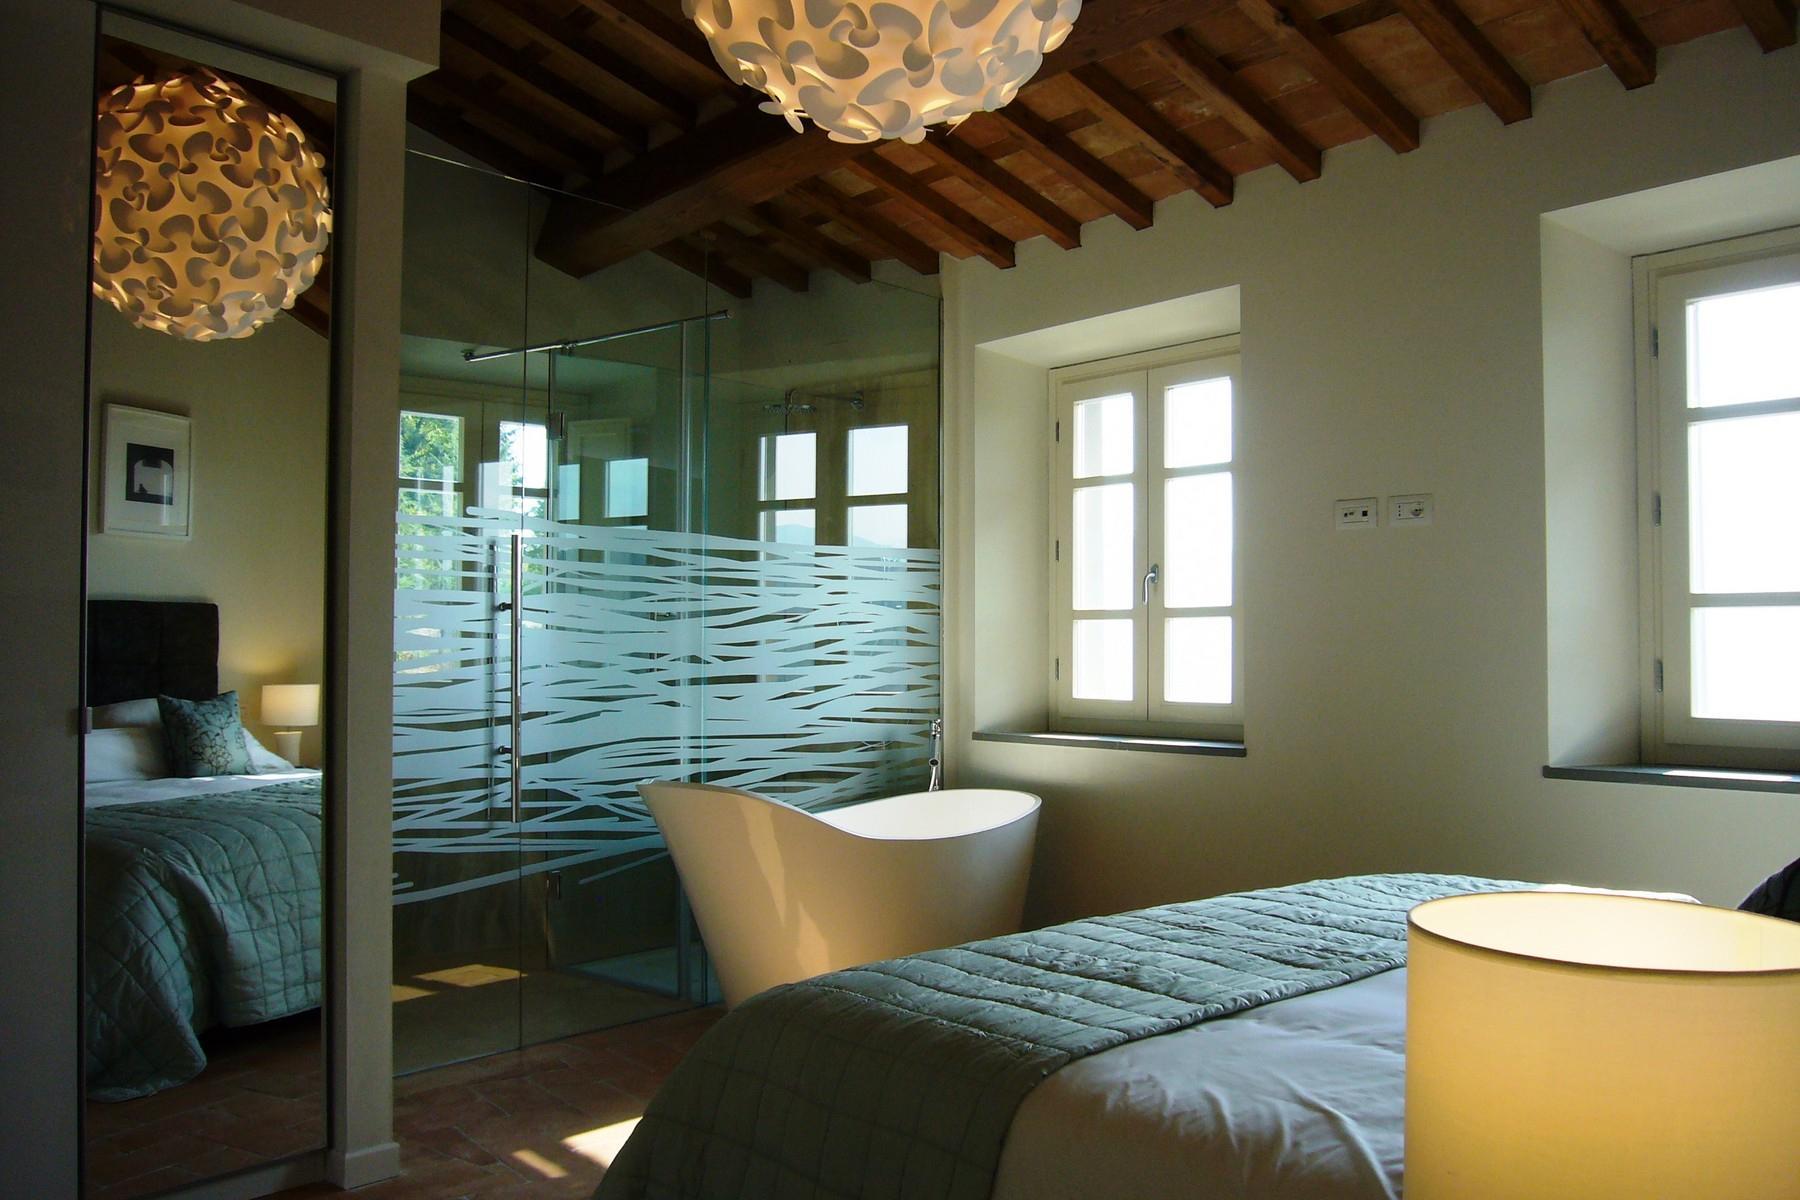 Meravigliosa villa con piscina in Garfagnana - 11